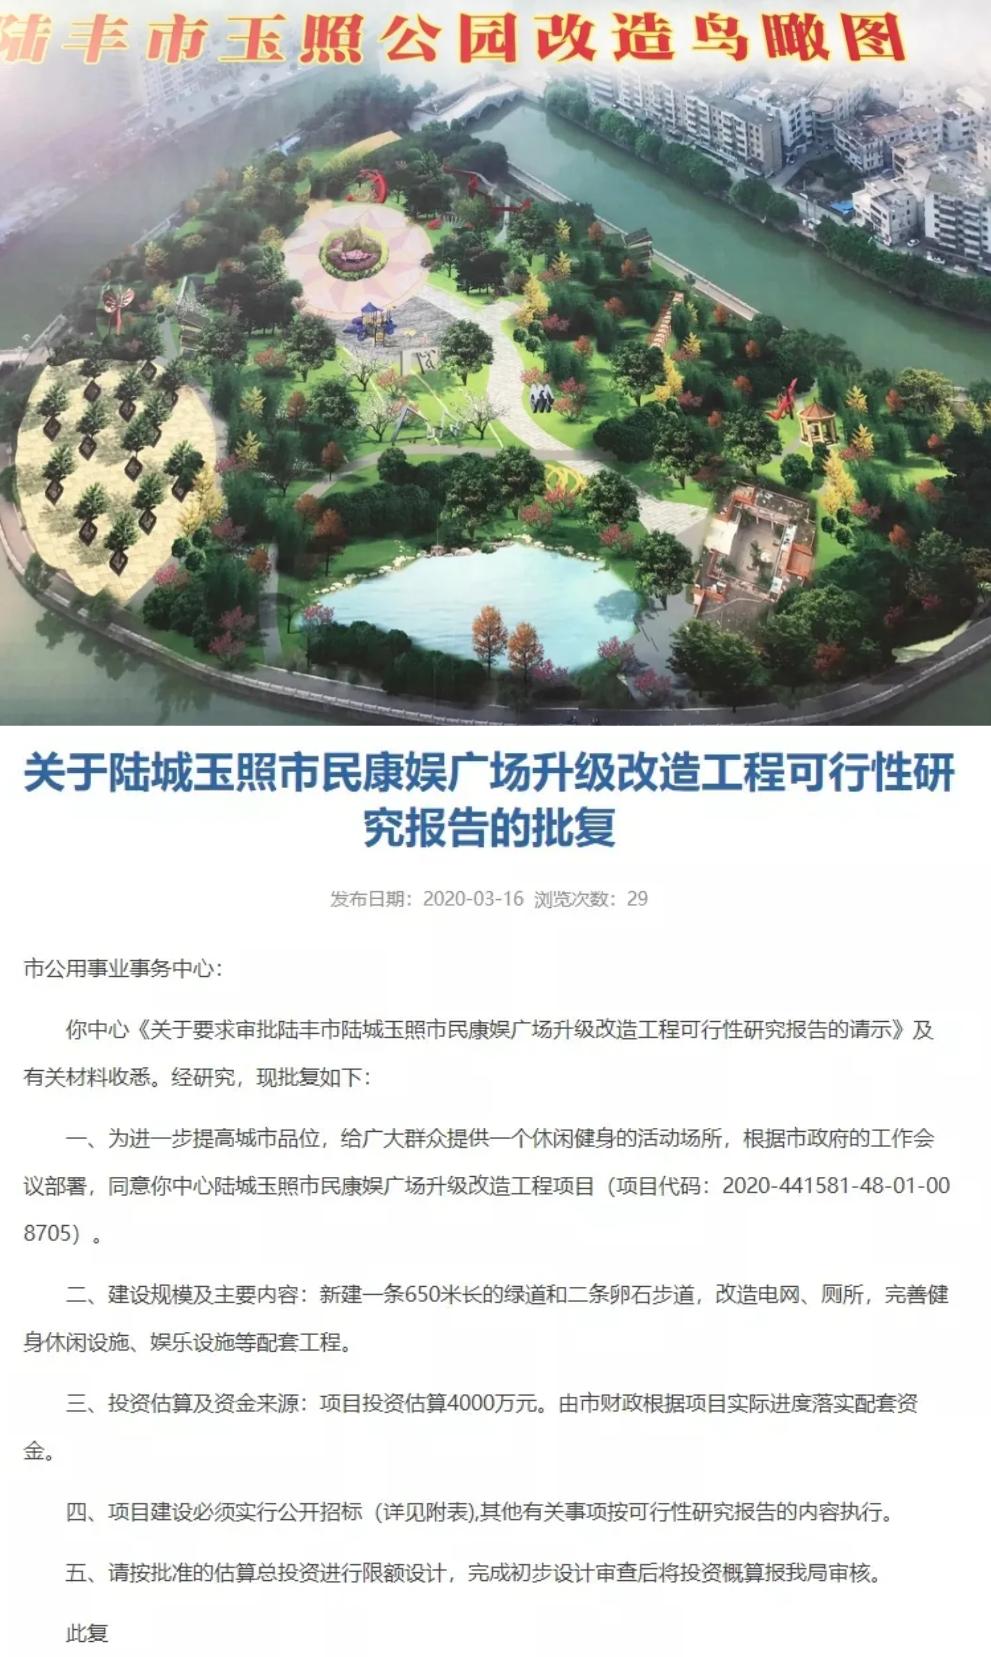 陆丰东海玉照公园即将升级改造 陆丰新闻 第1张